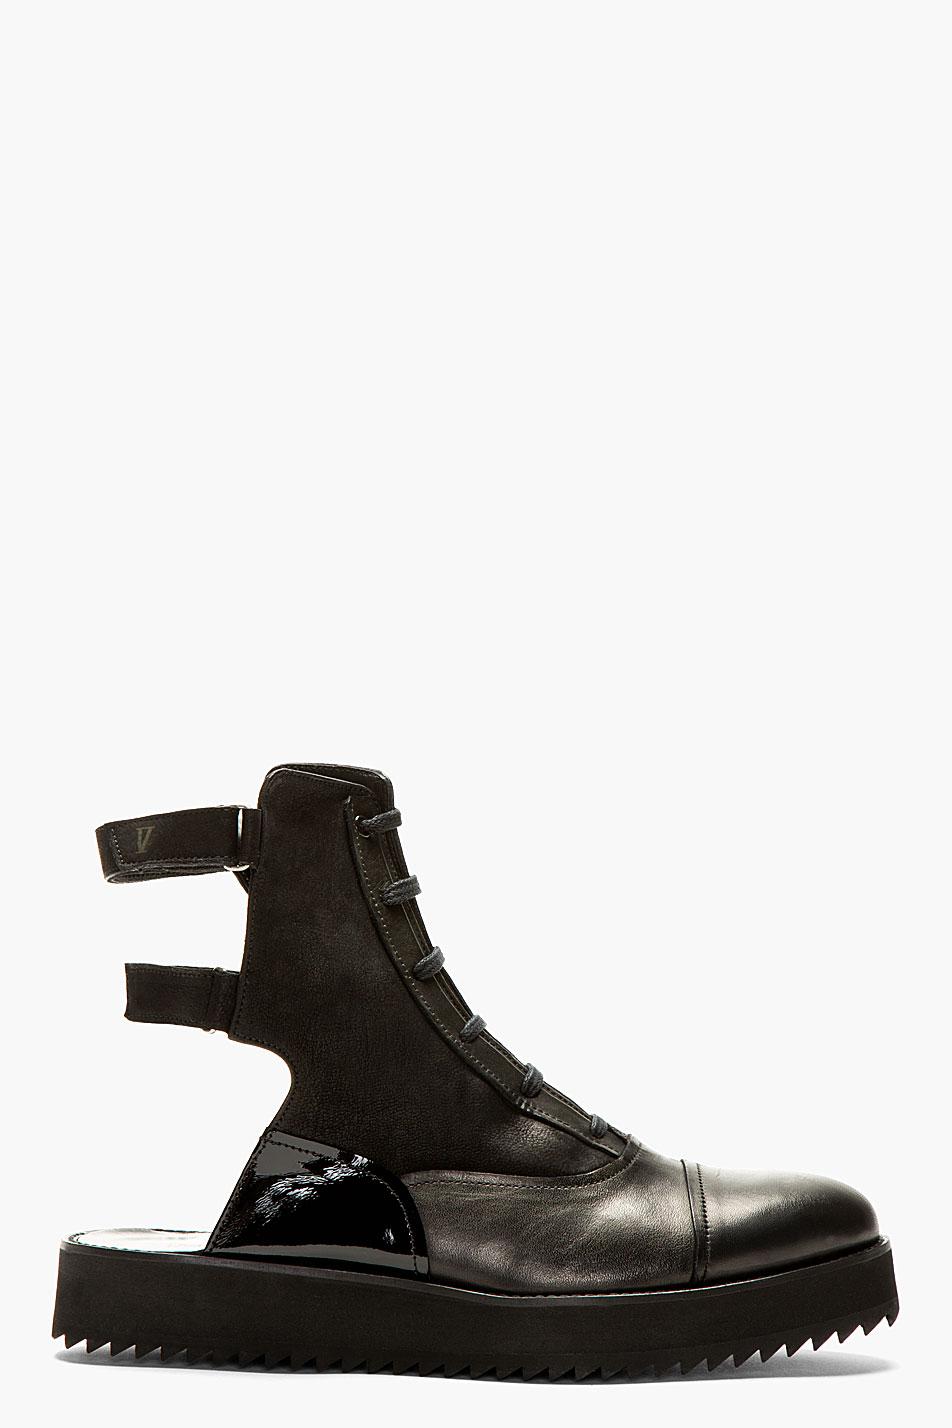 Aldo Shoe Repair